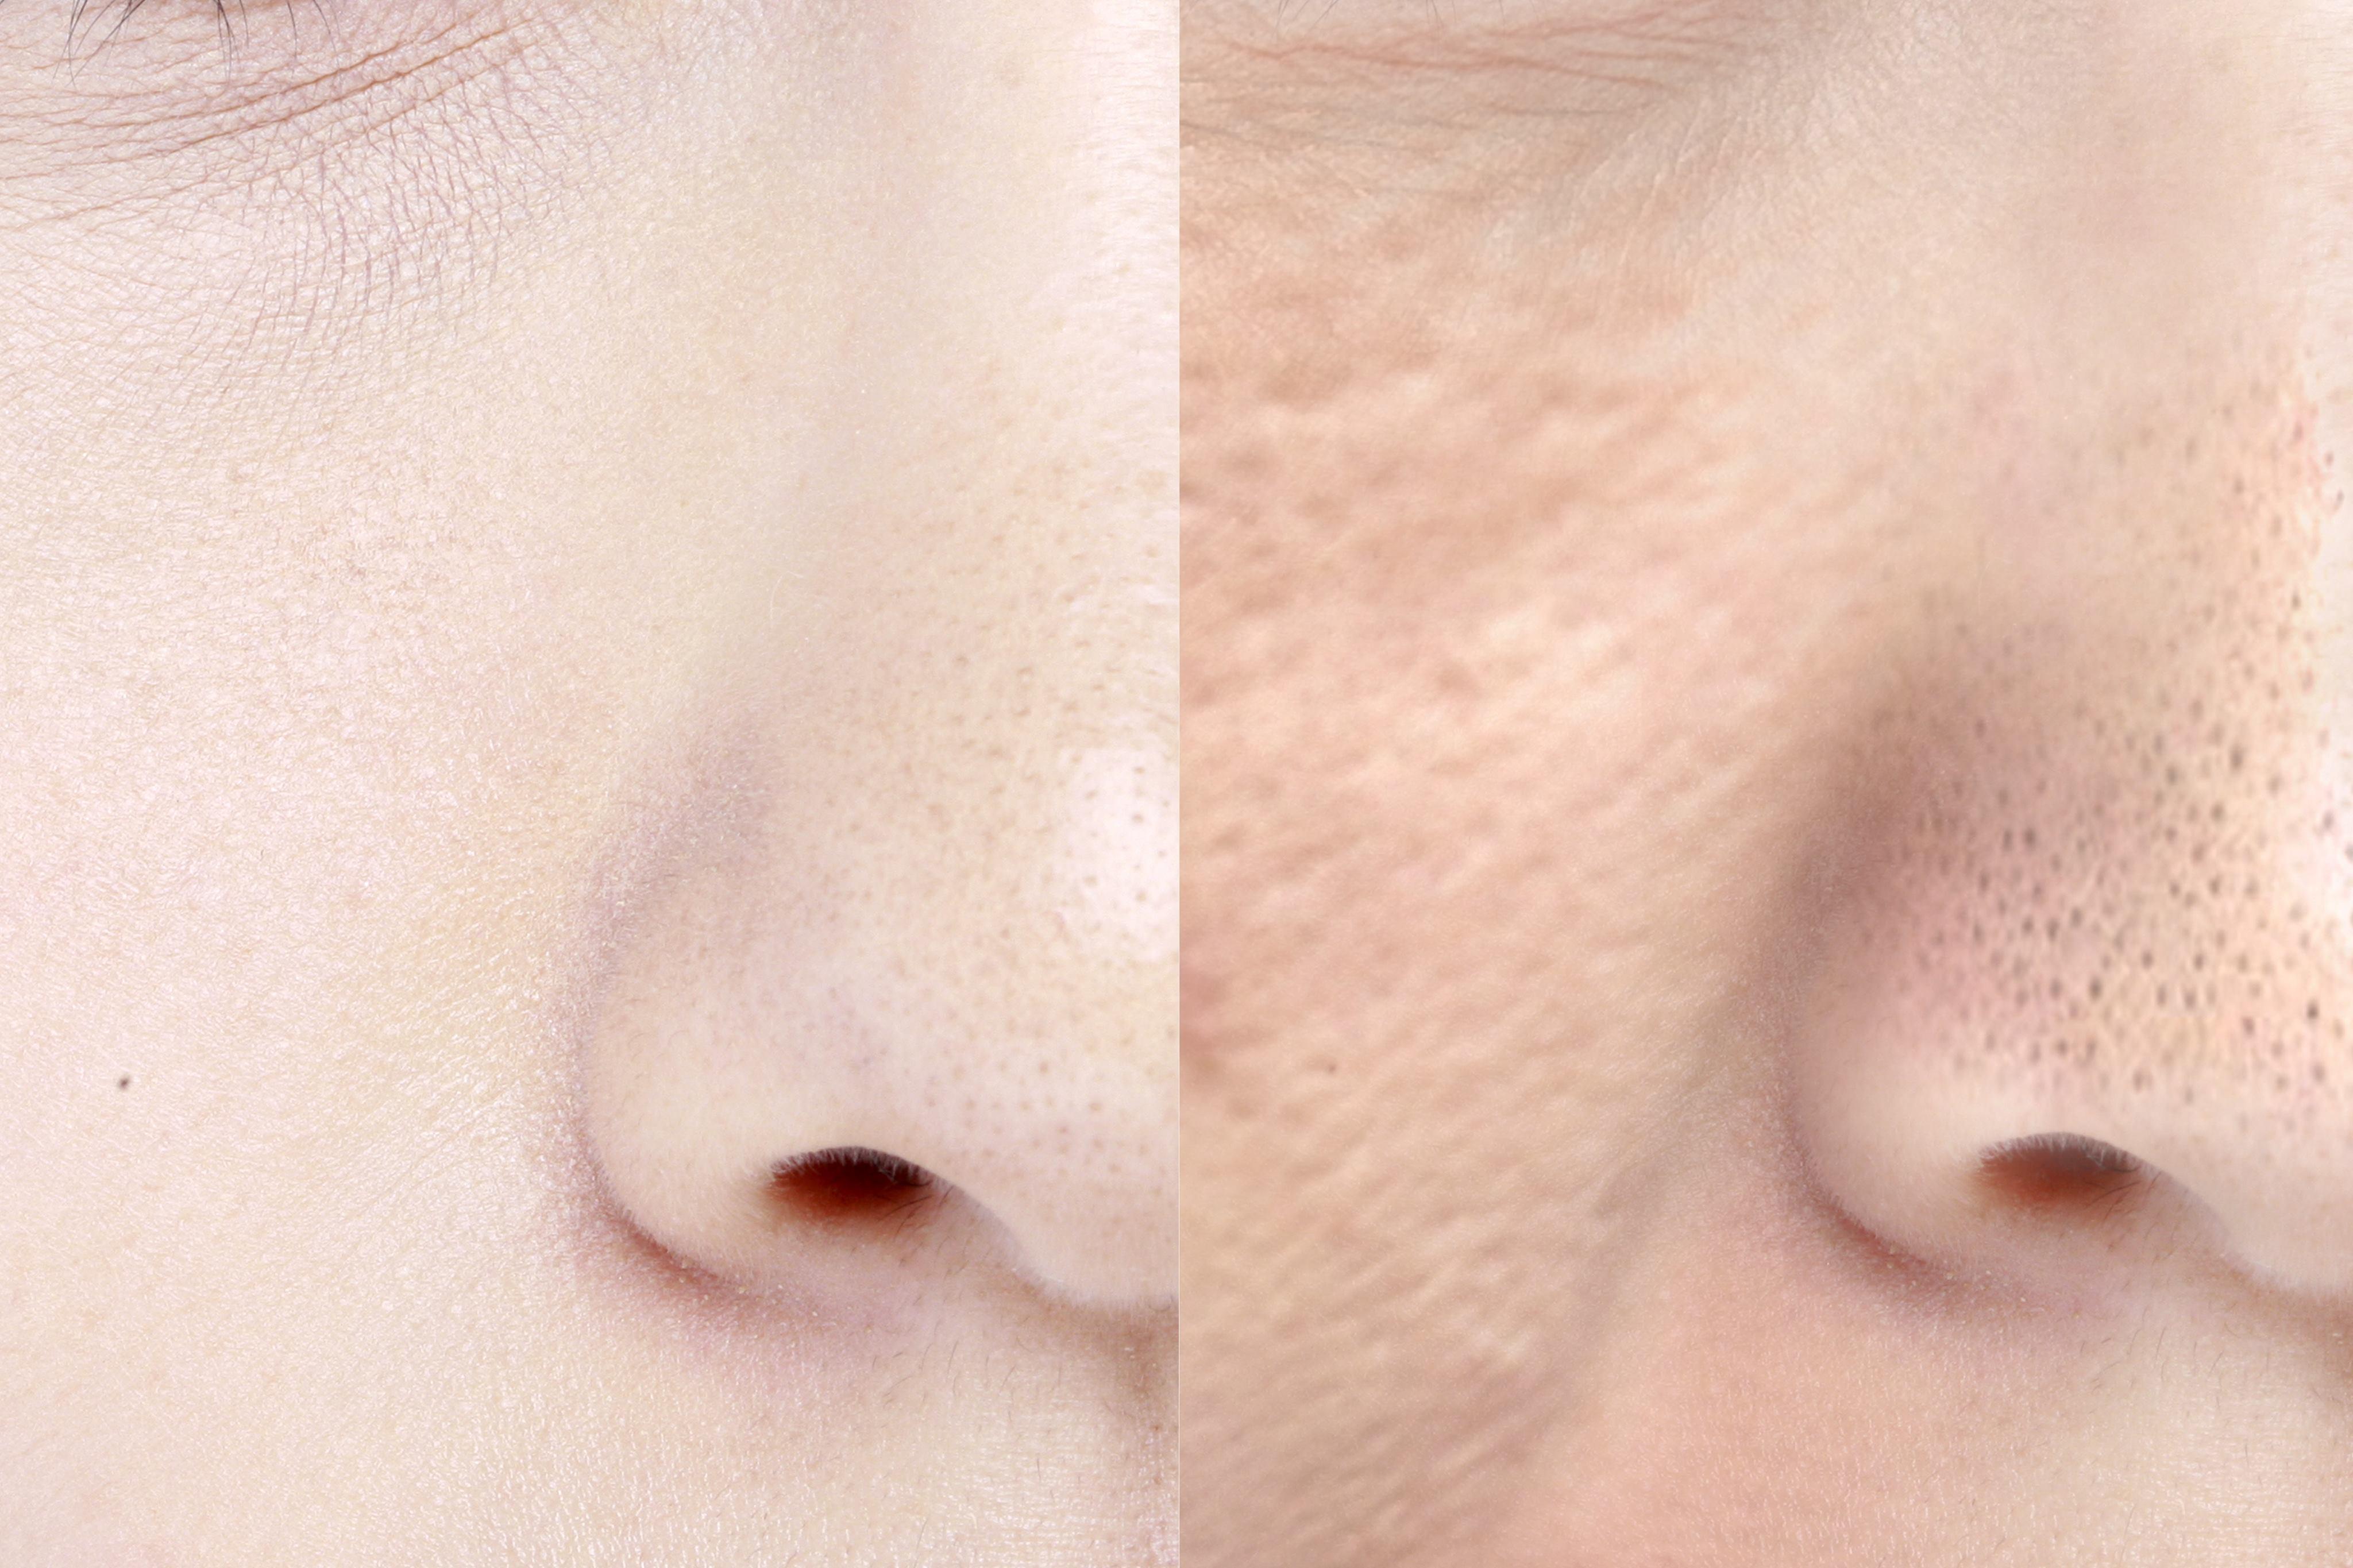 Unterschiedliche Poren im Vergleich.